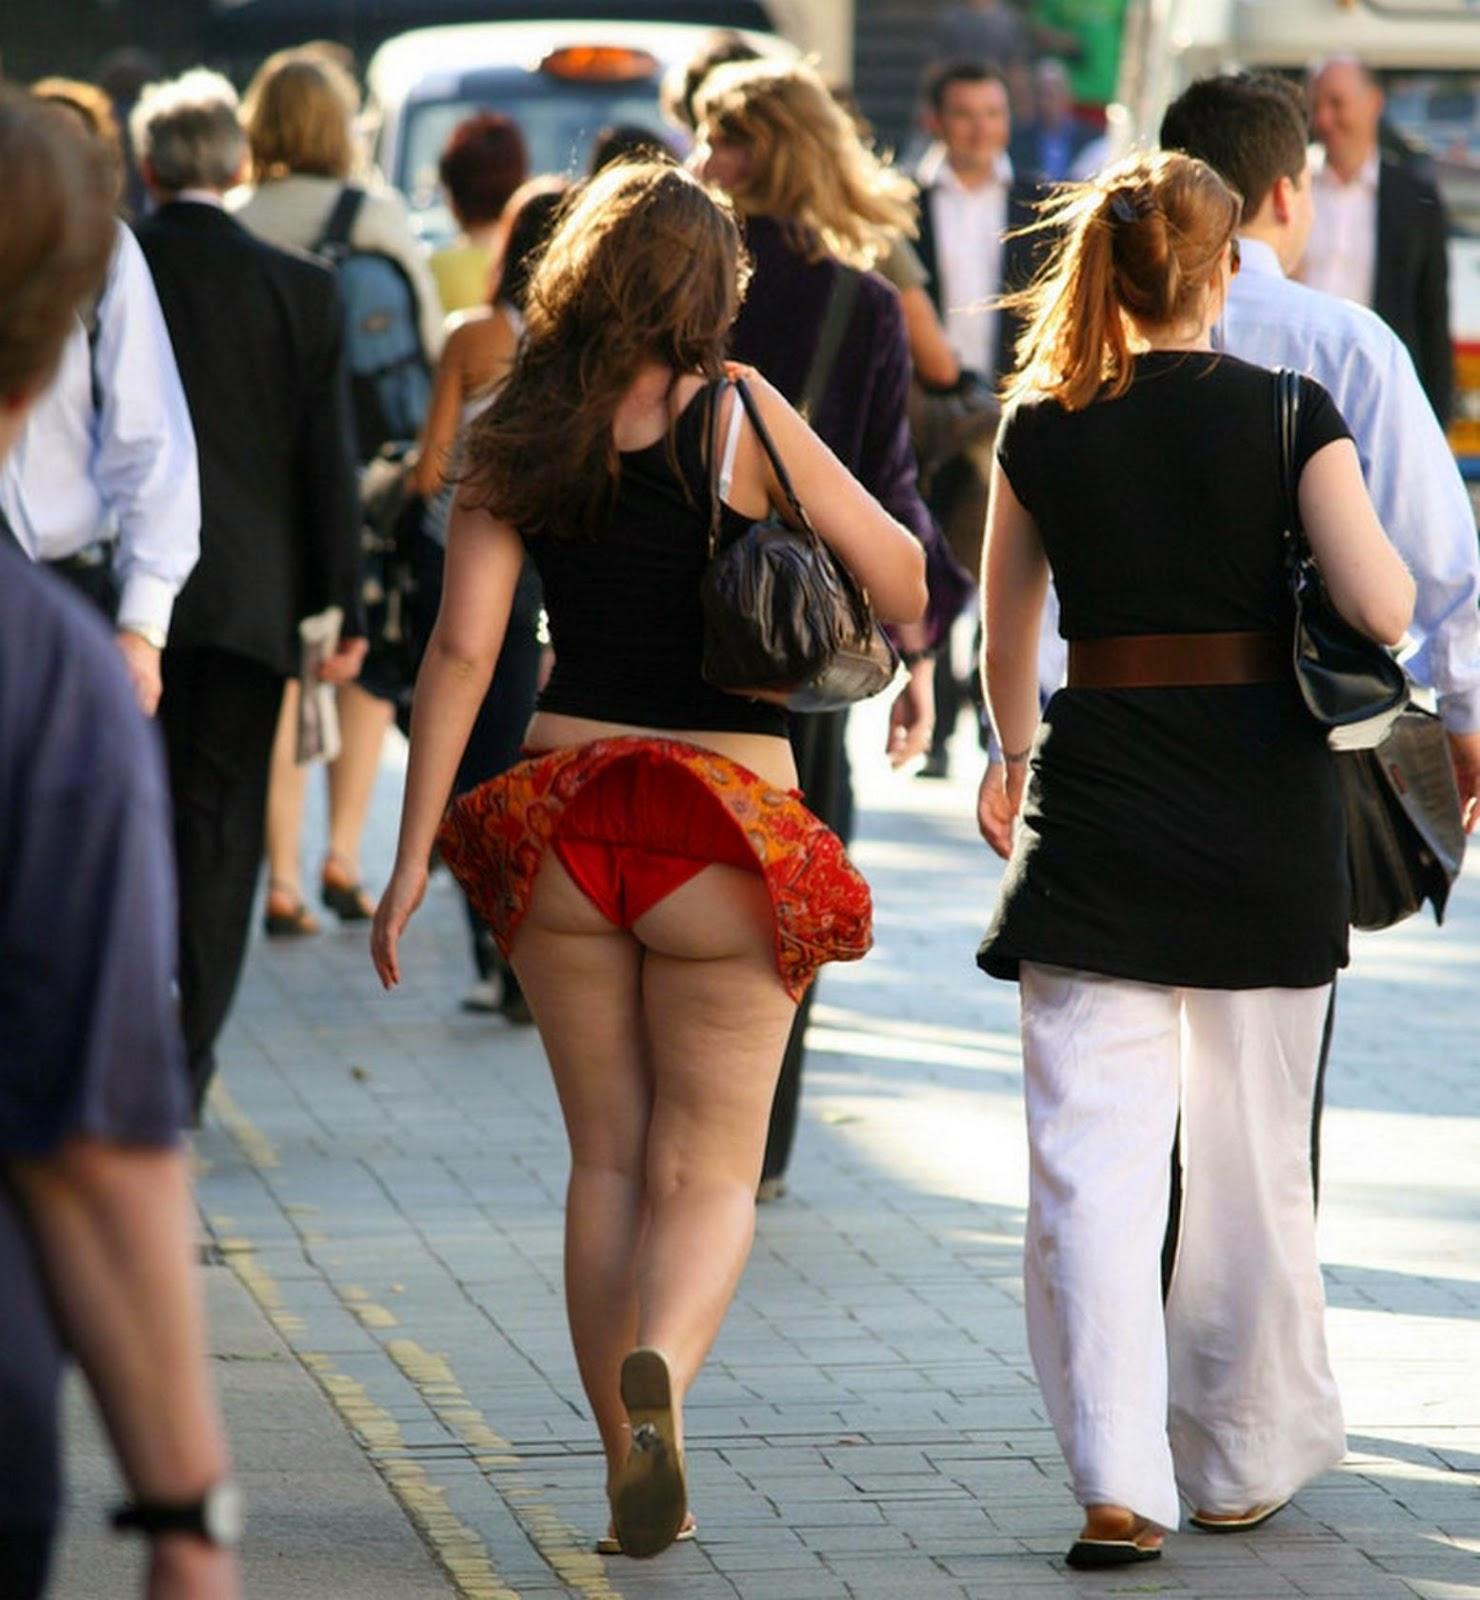 Уличные засветы под юбками 24 фотография